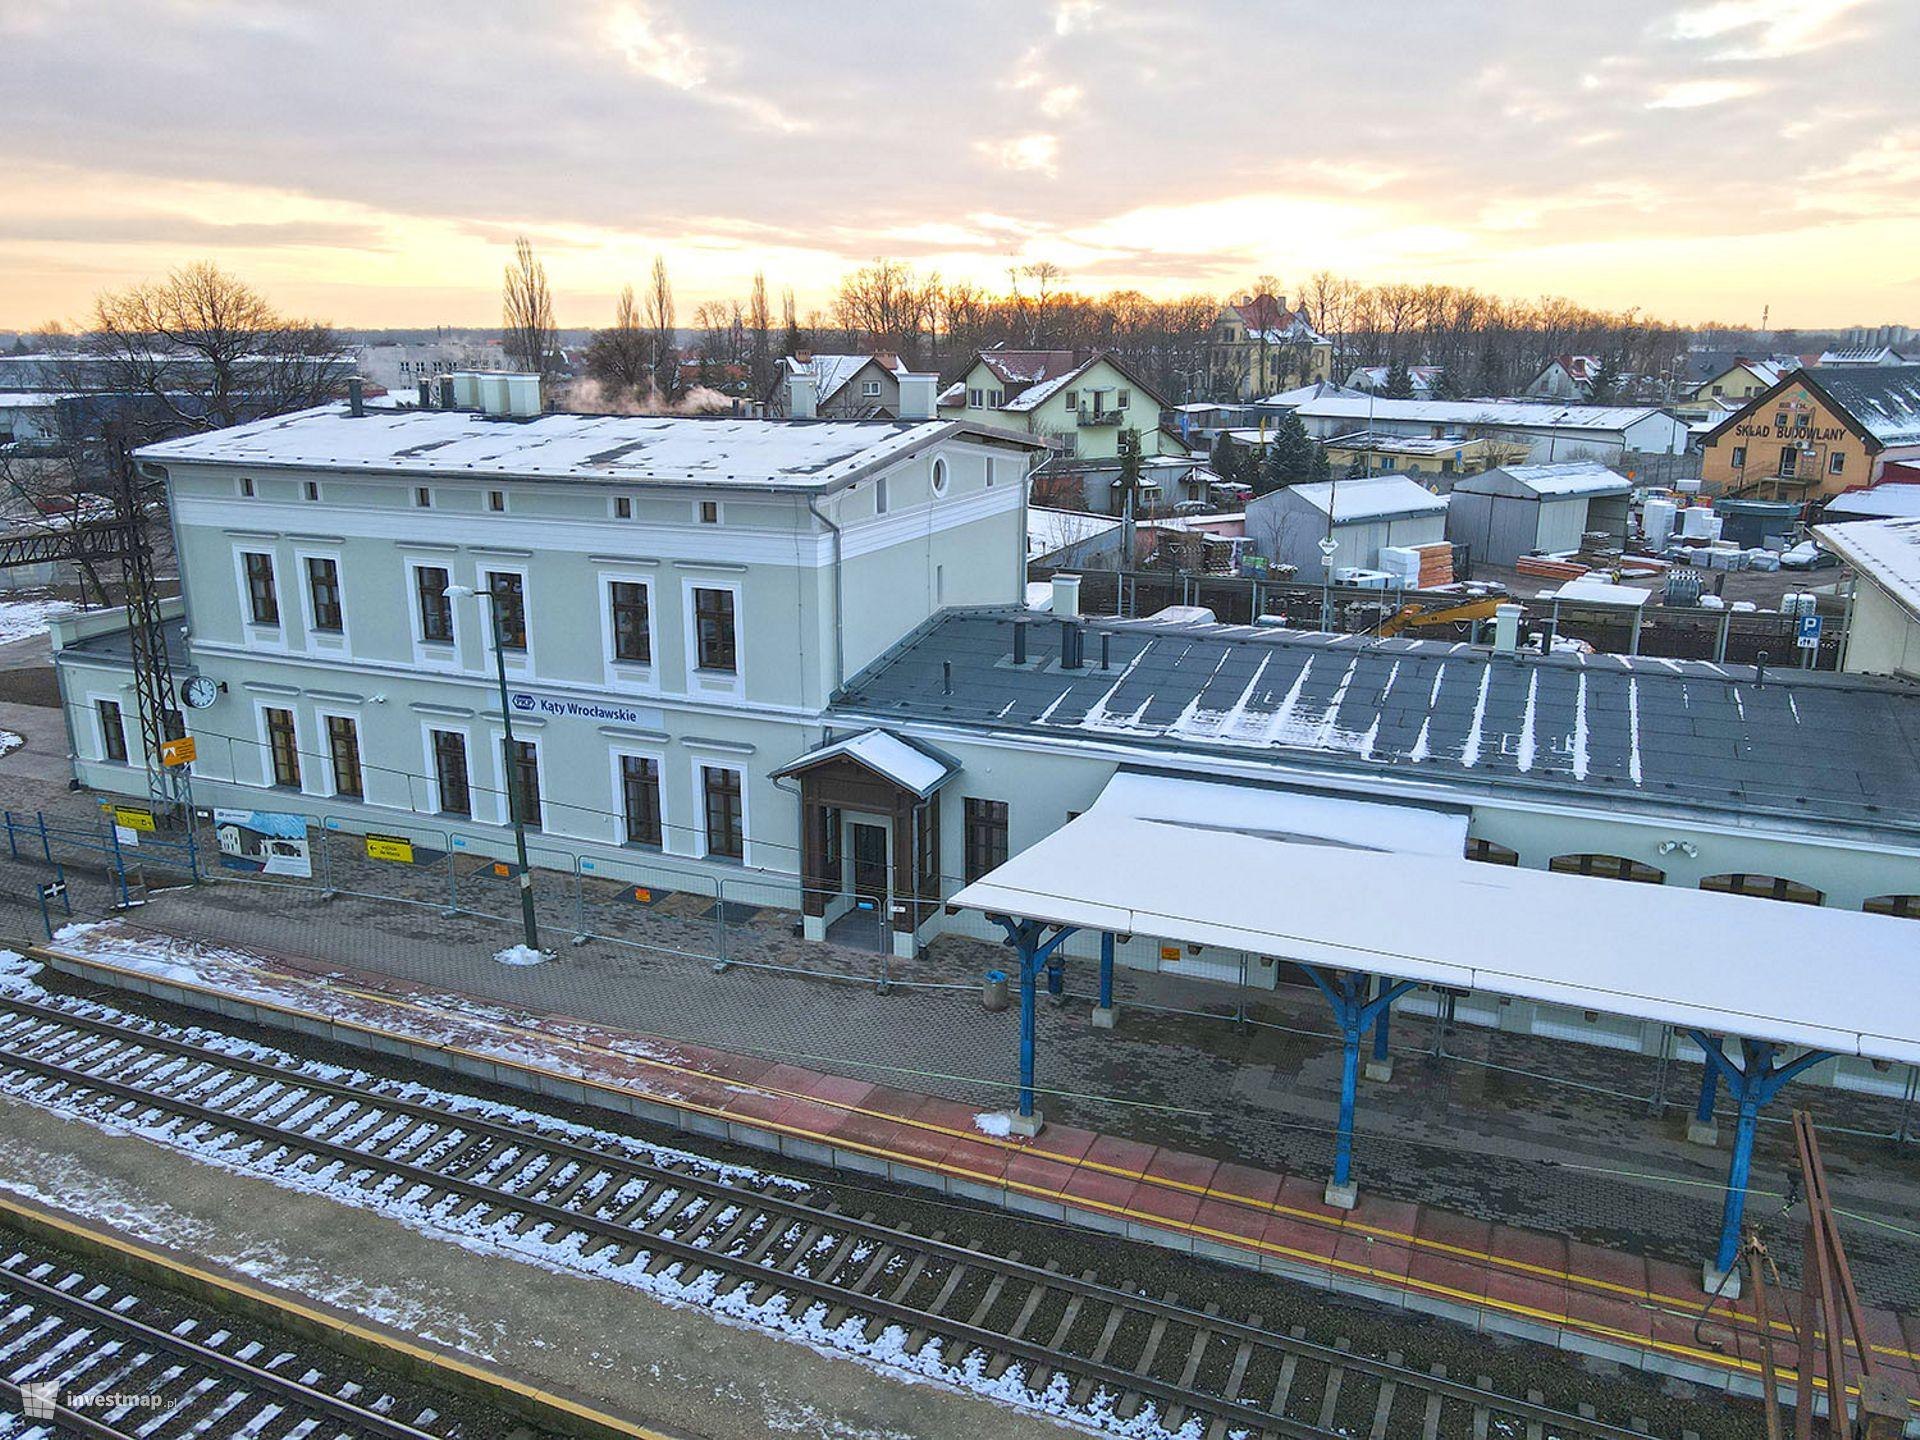 Dworzec kolejowy w Kątach Wrocławskich